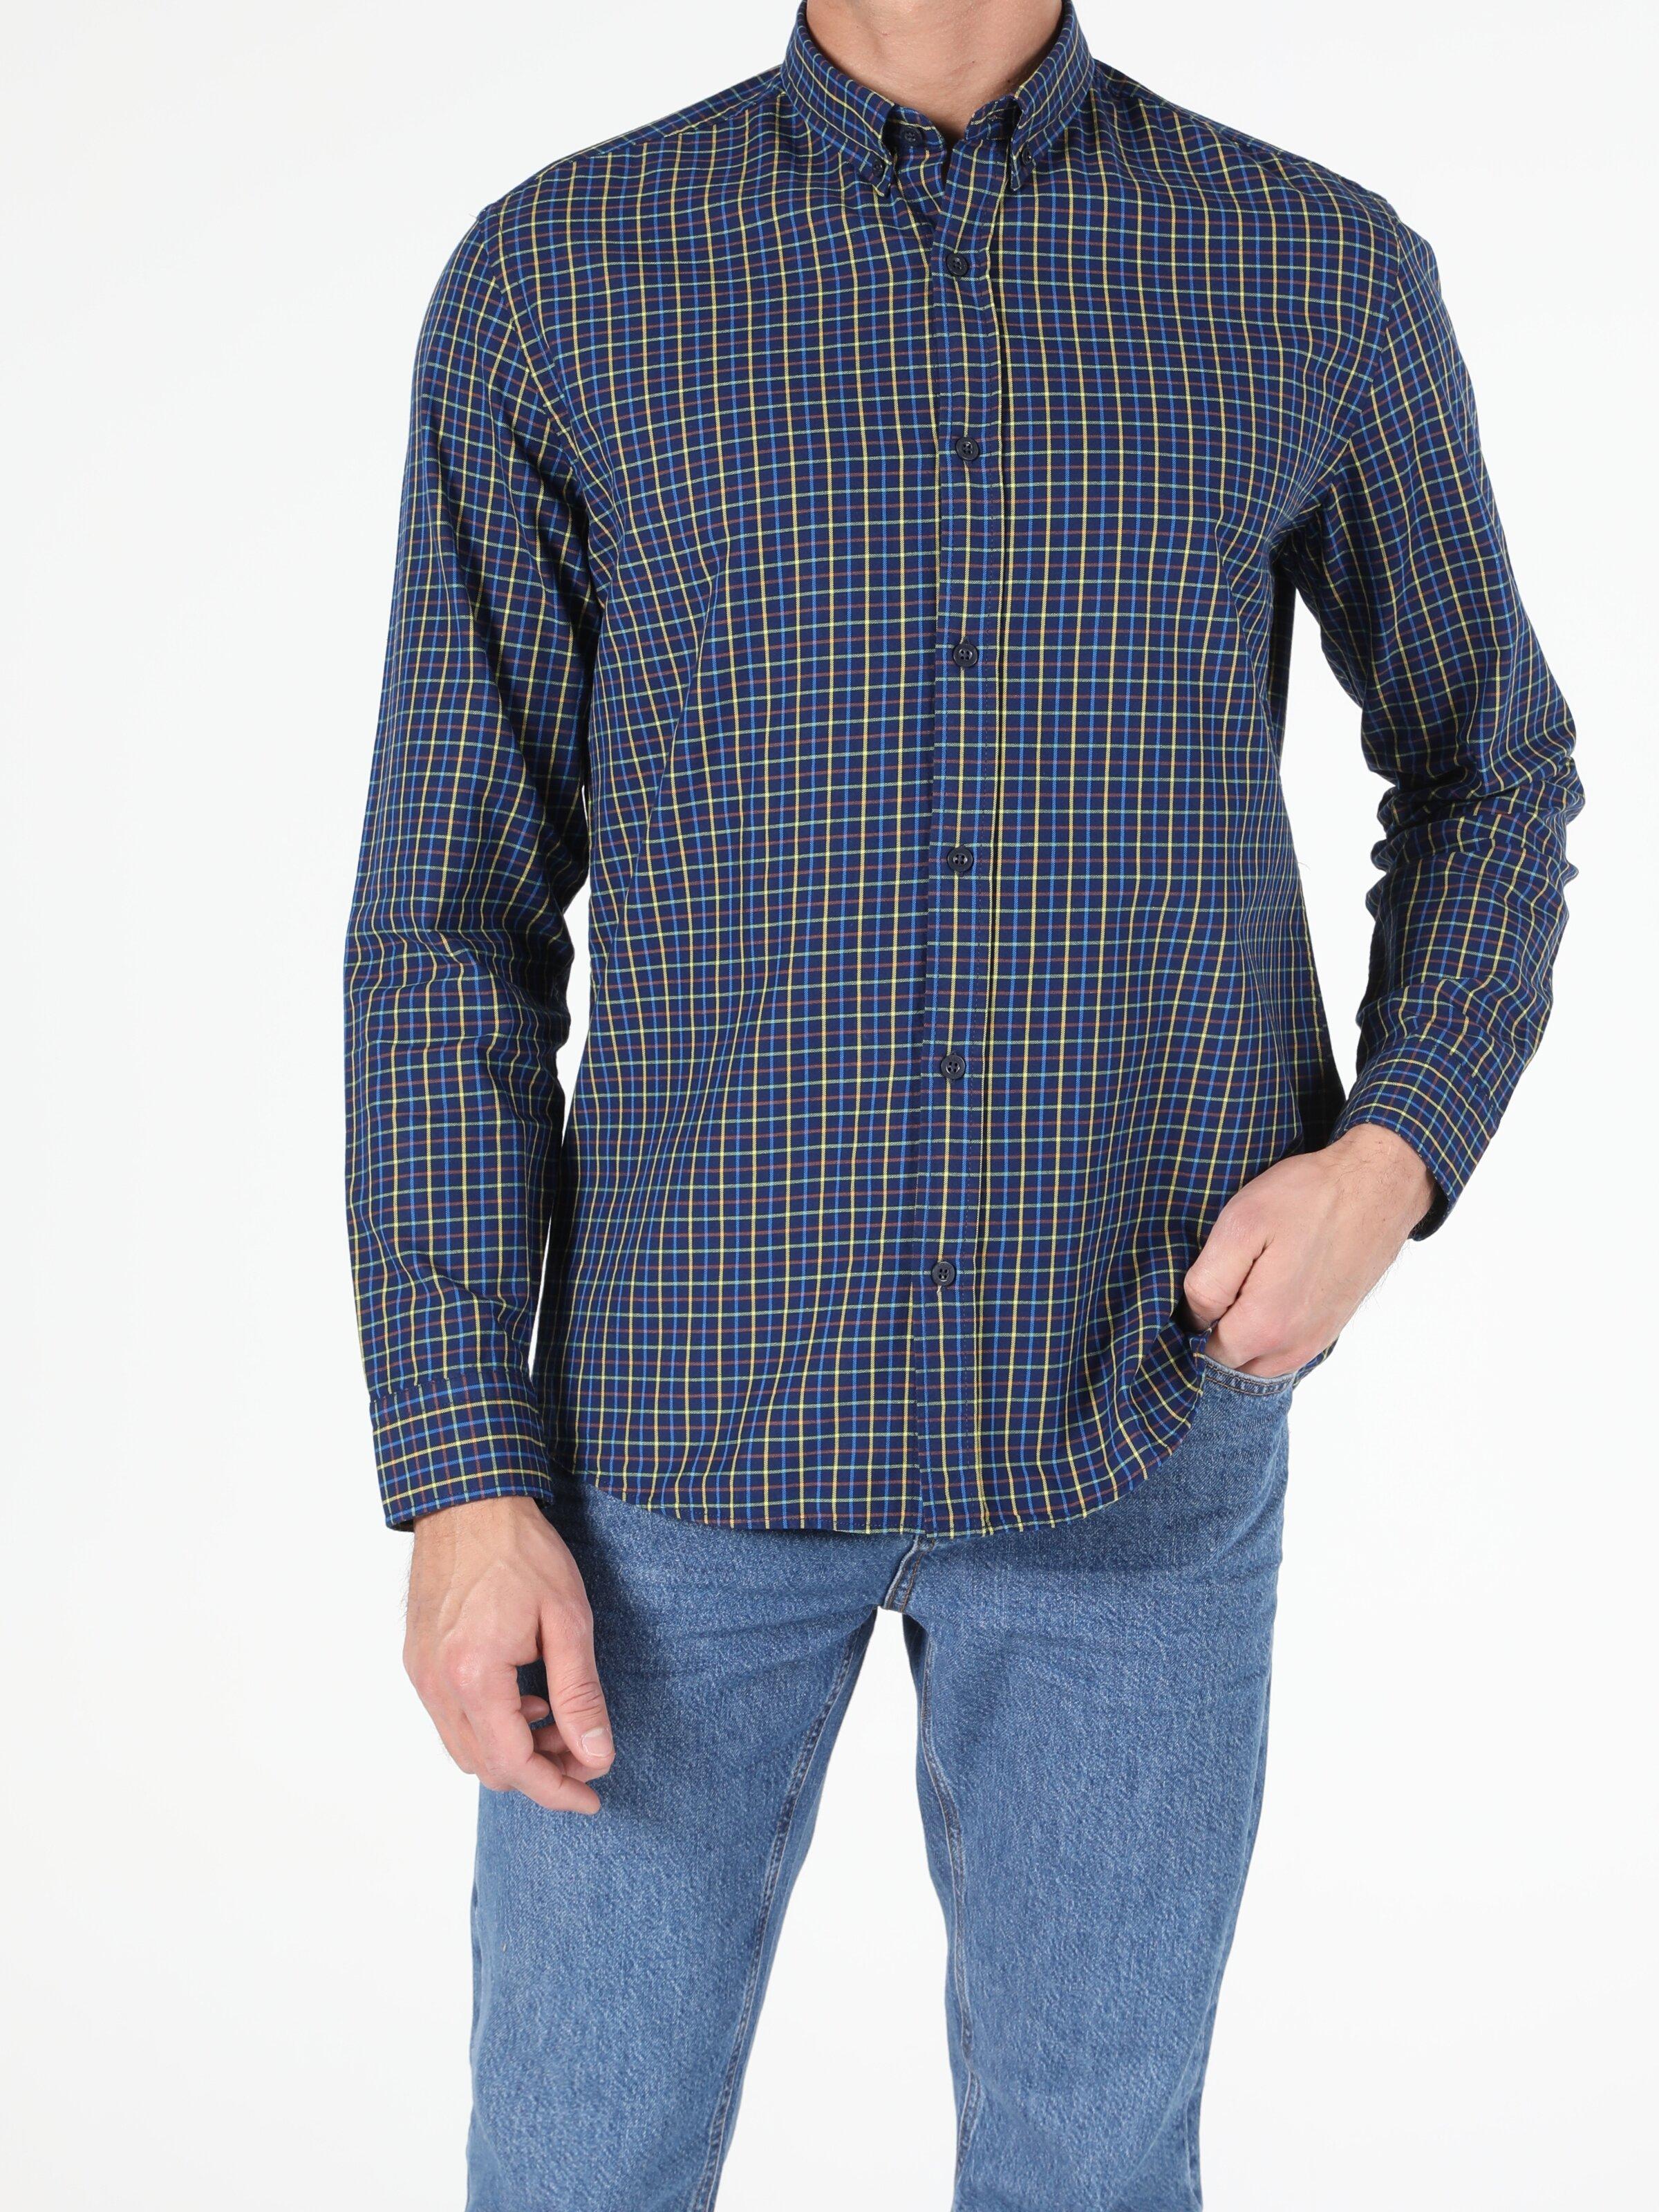 Erkek Uzun Kol İndigo Gömlek